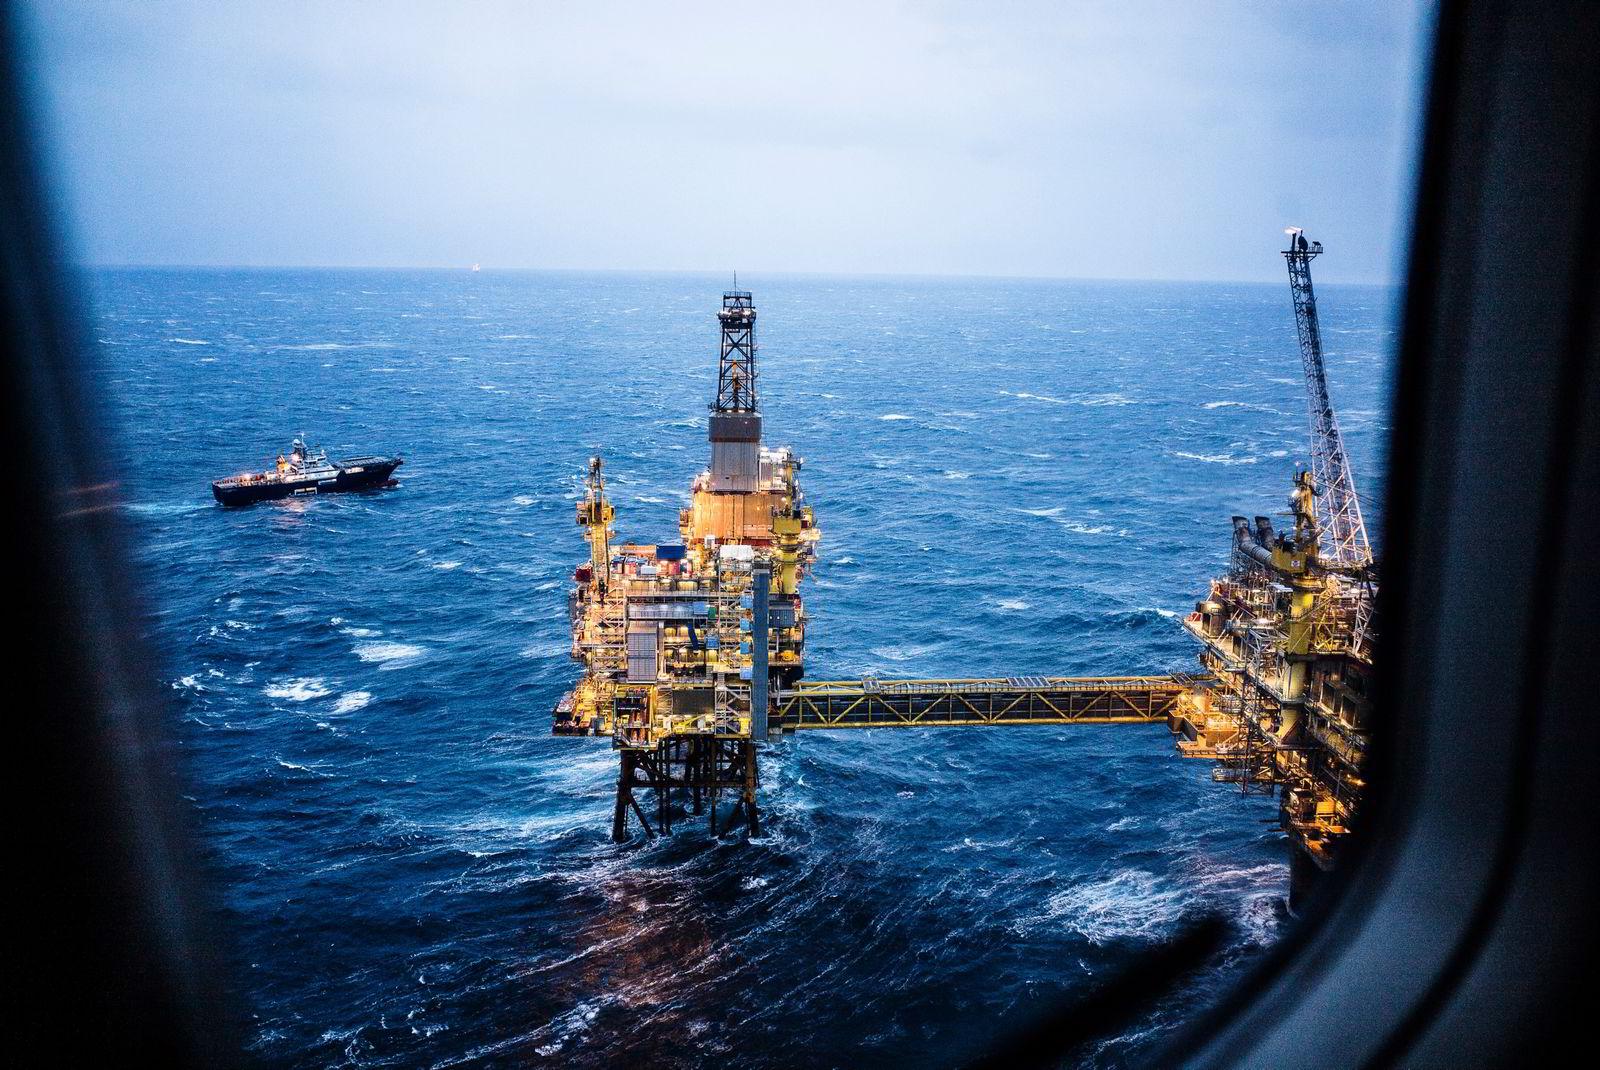 Arundos teknologi kan blant annet brukes til å overvåke produksjonen på oljeplattformer.